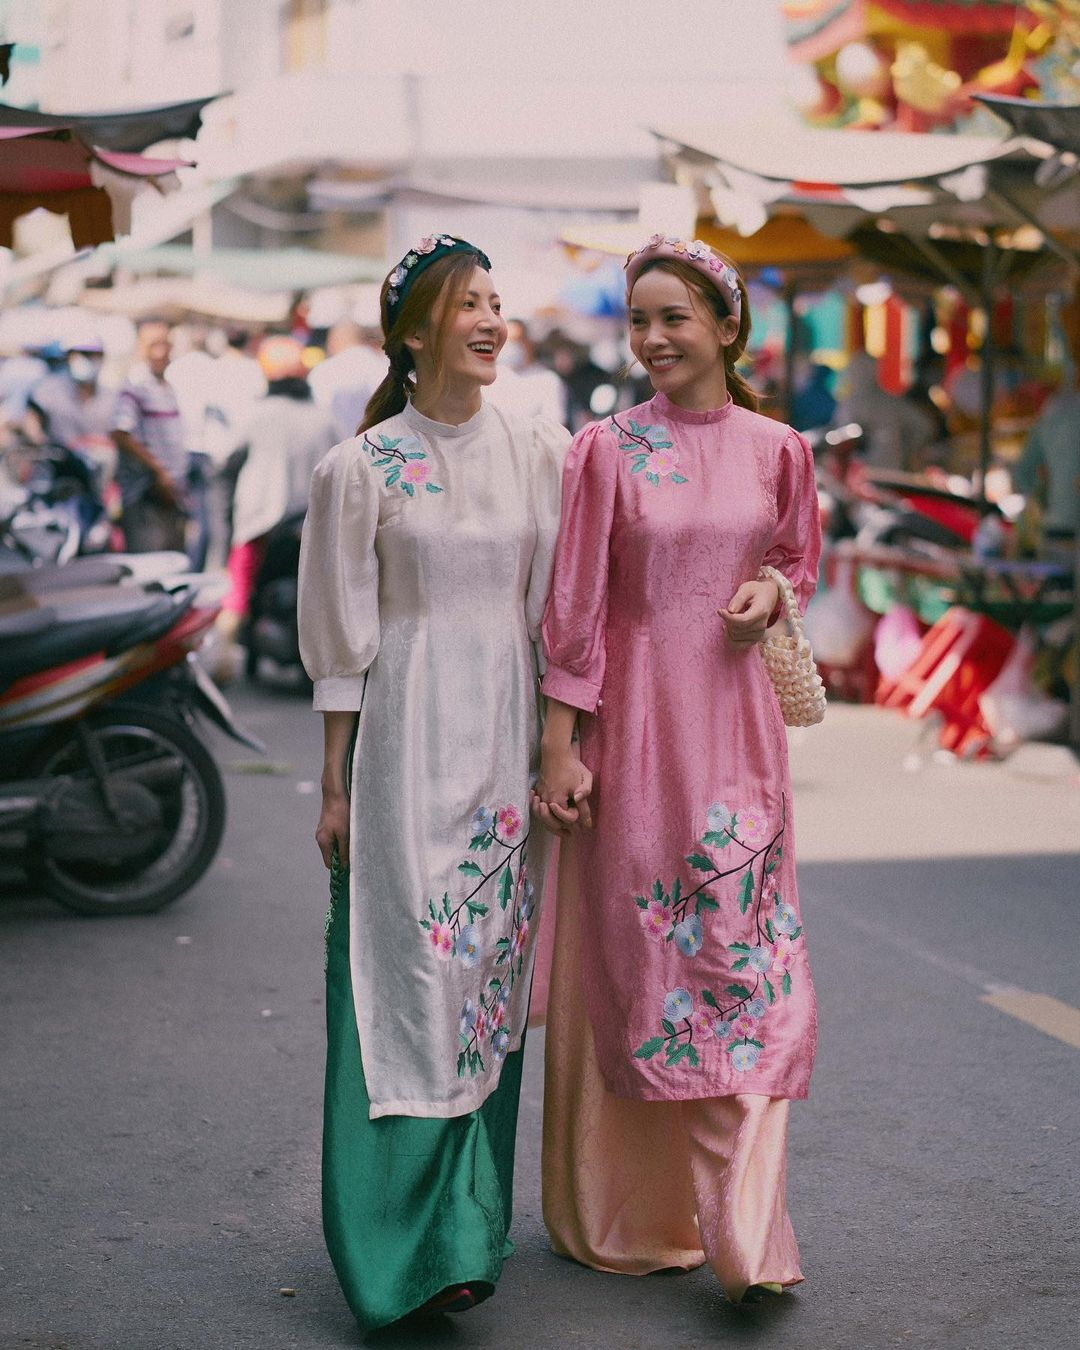 Sao Việt rộn ràng diện áo dài đón Tết sớm, kiểu hot hit nhất năm nay nằm cả ở chi tiết này - Ảnh 2.